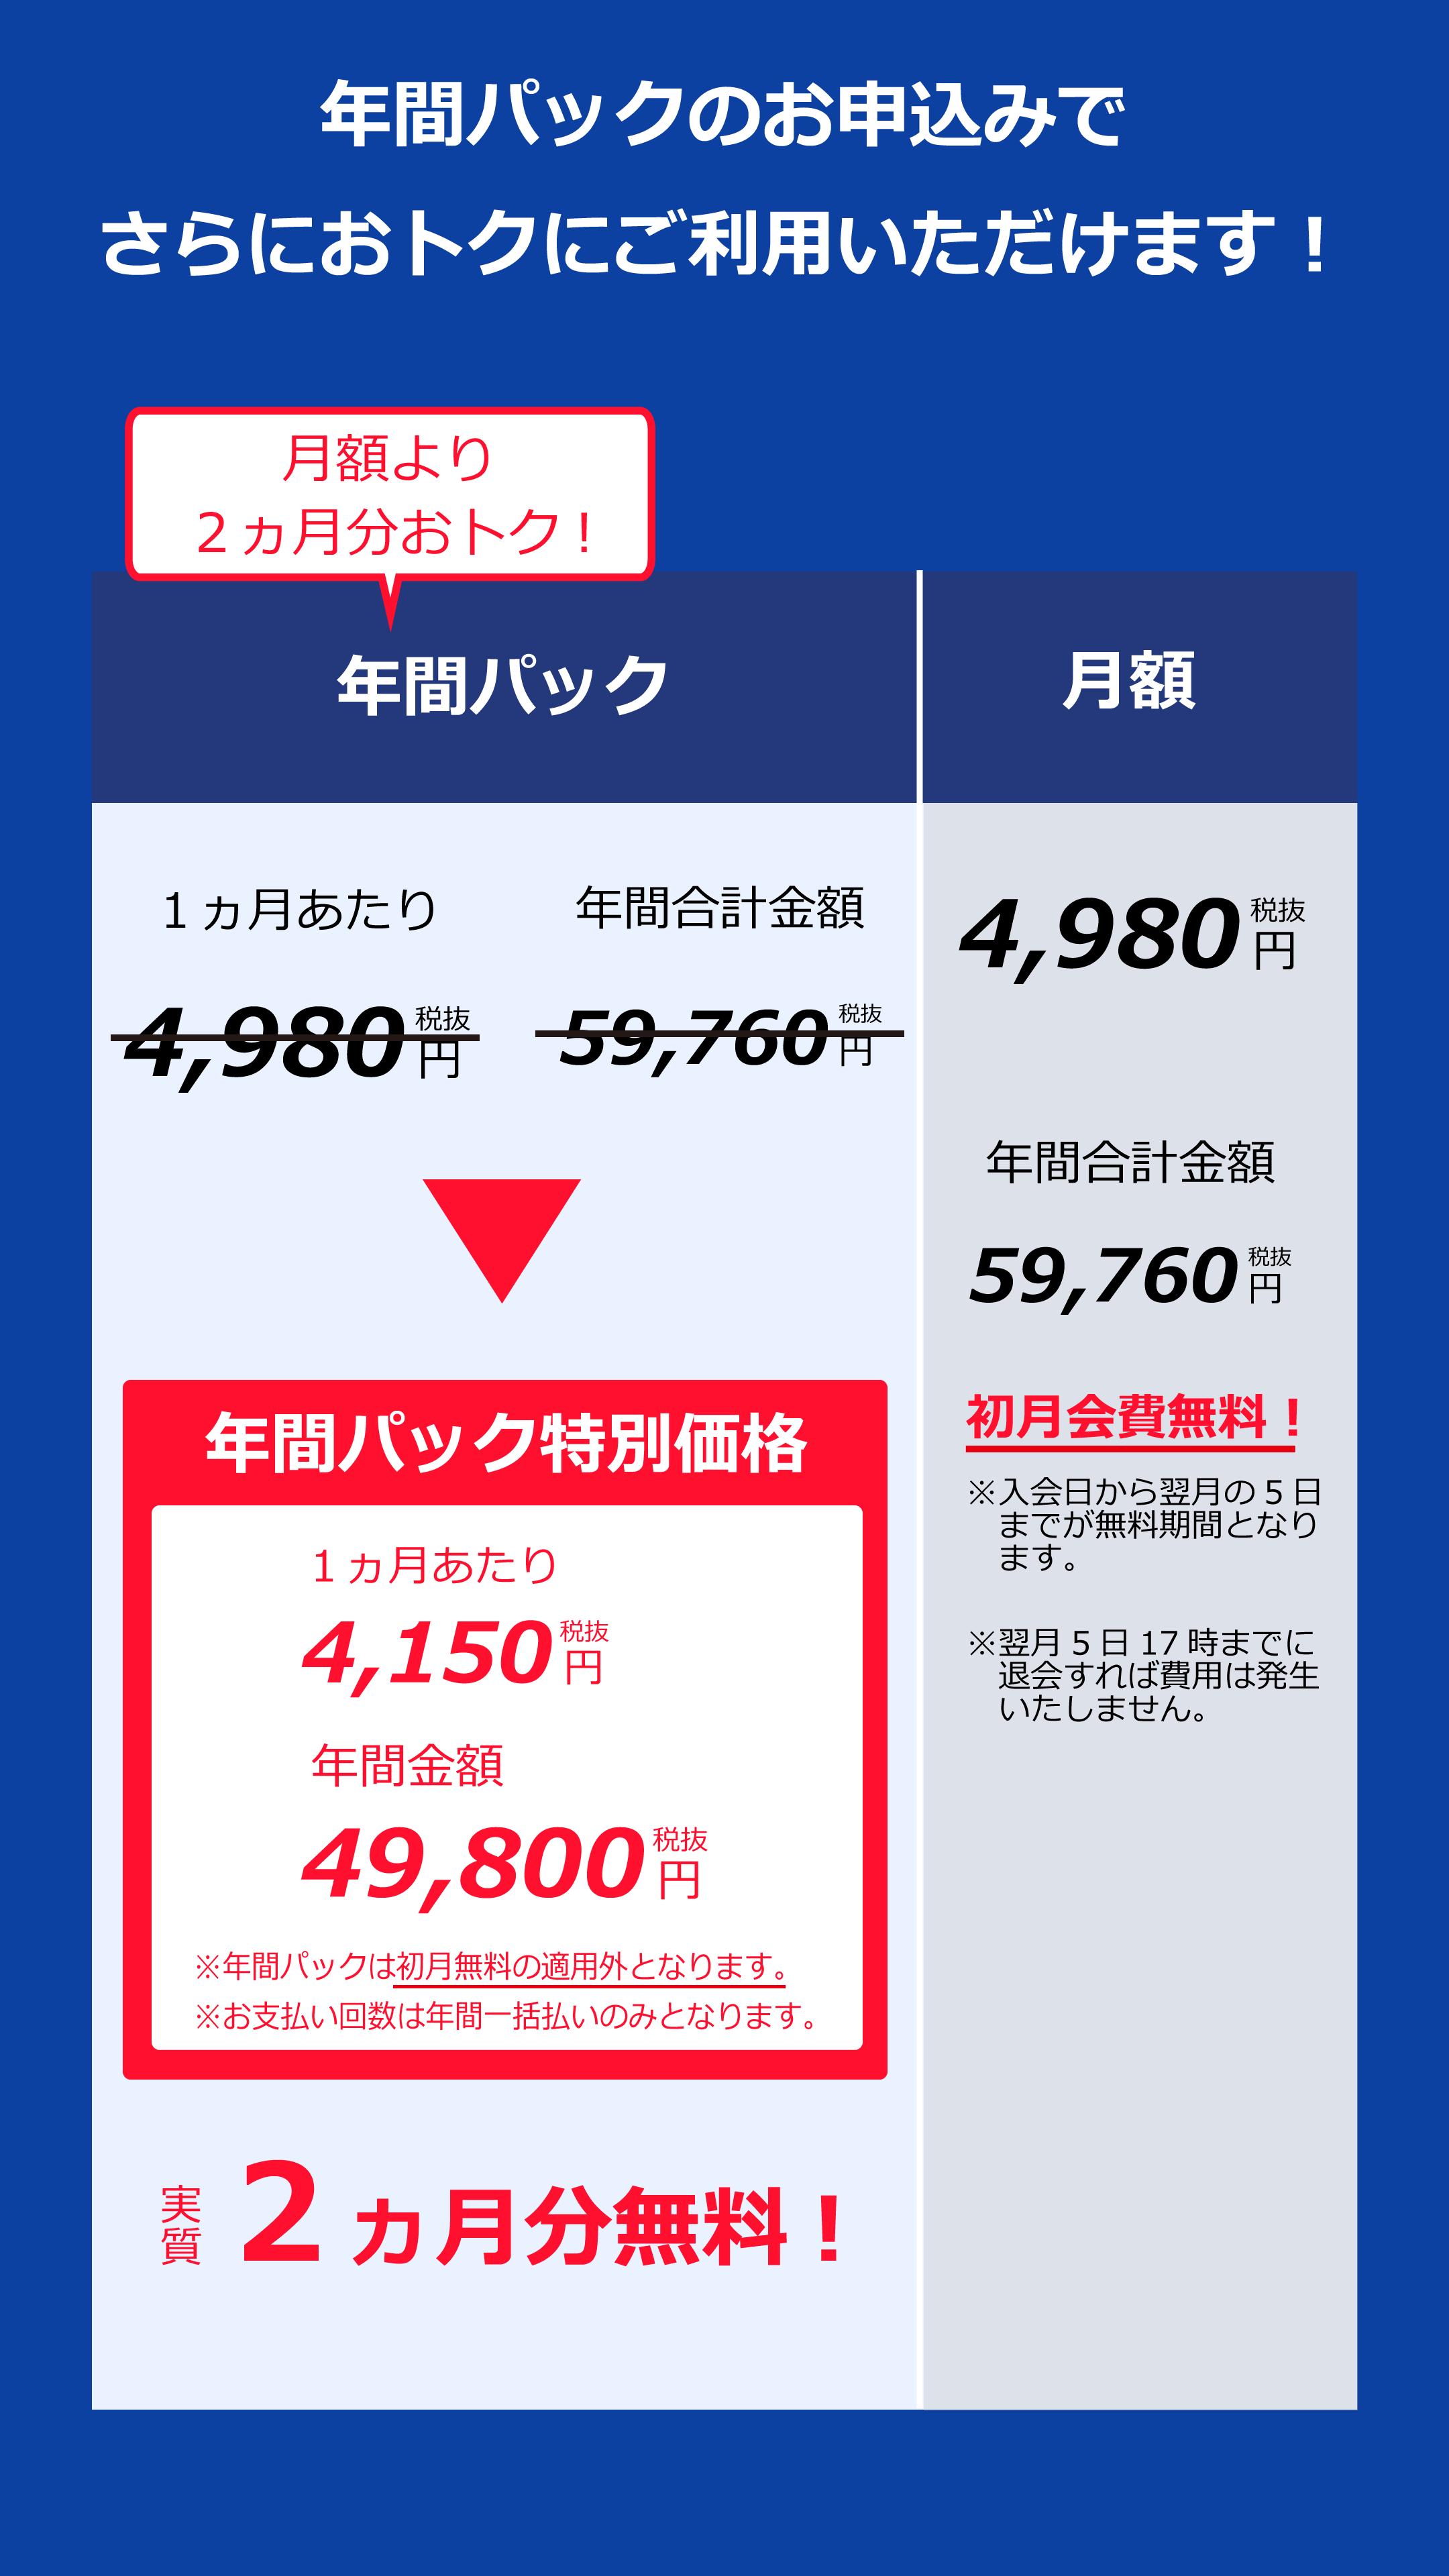 ワンネス経営動画会員の料金表